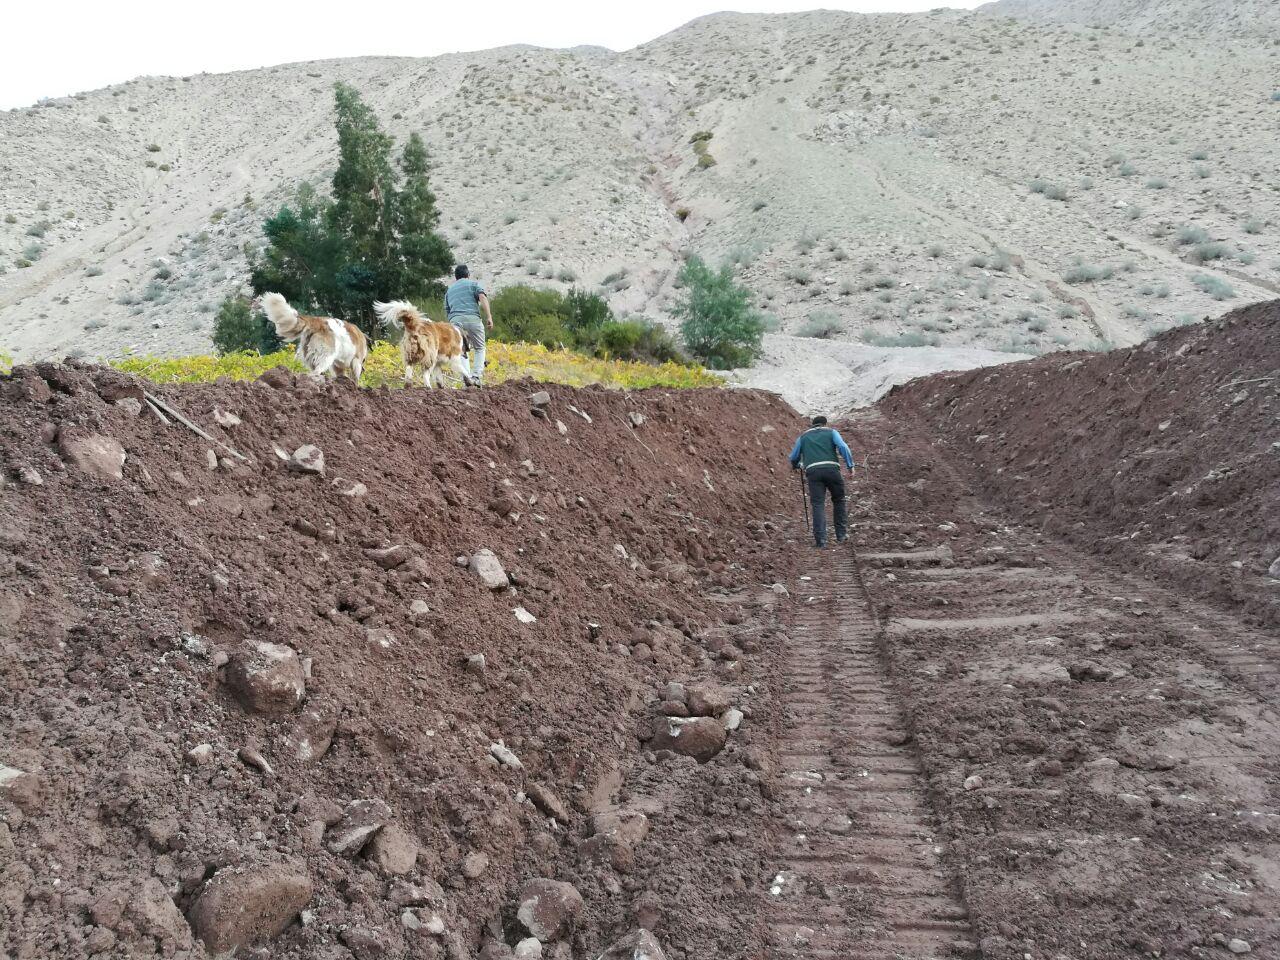 Comunidad de Chollay, avanza hacia la reconstrucción